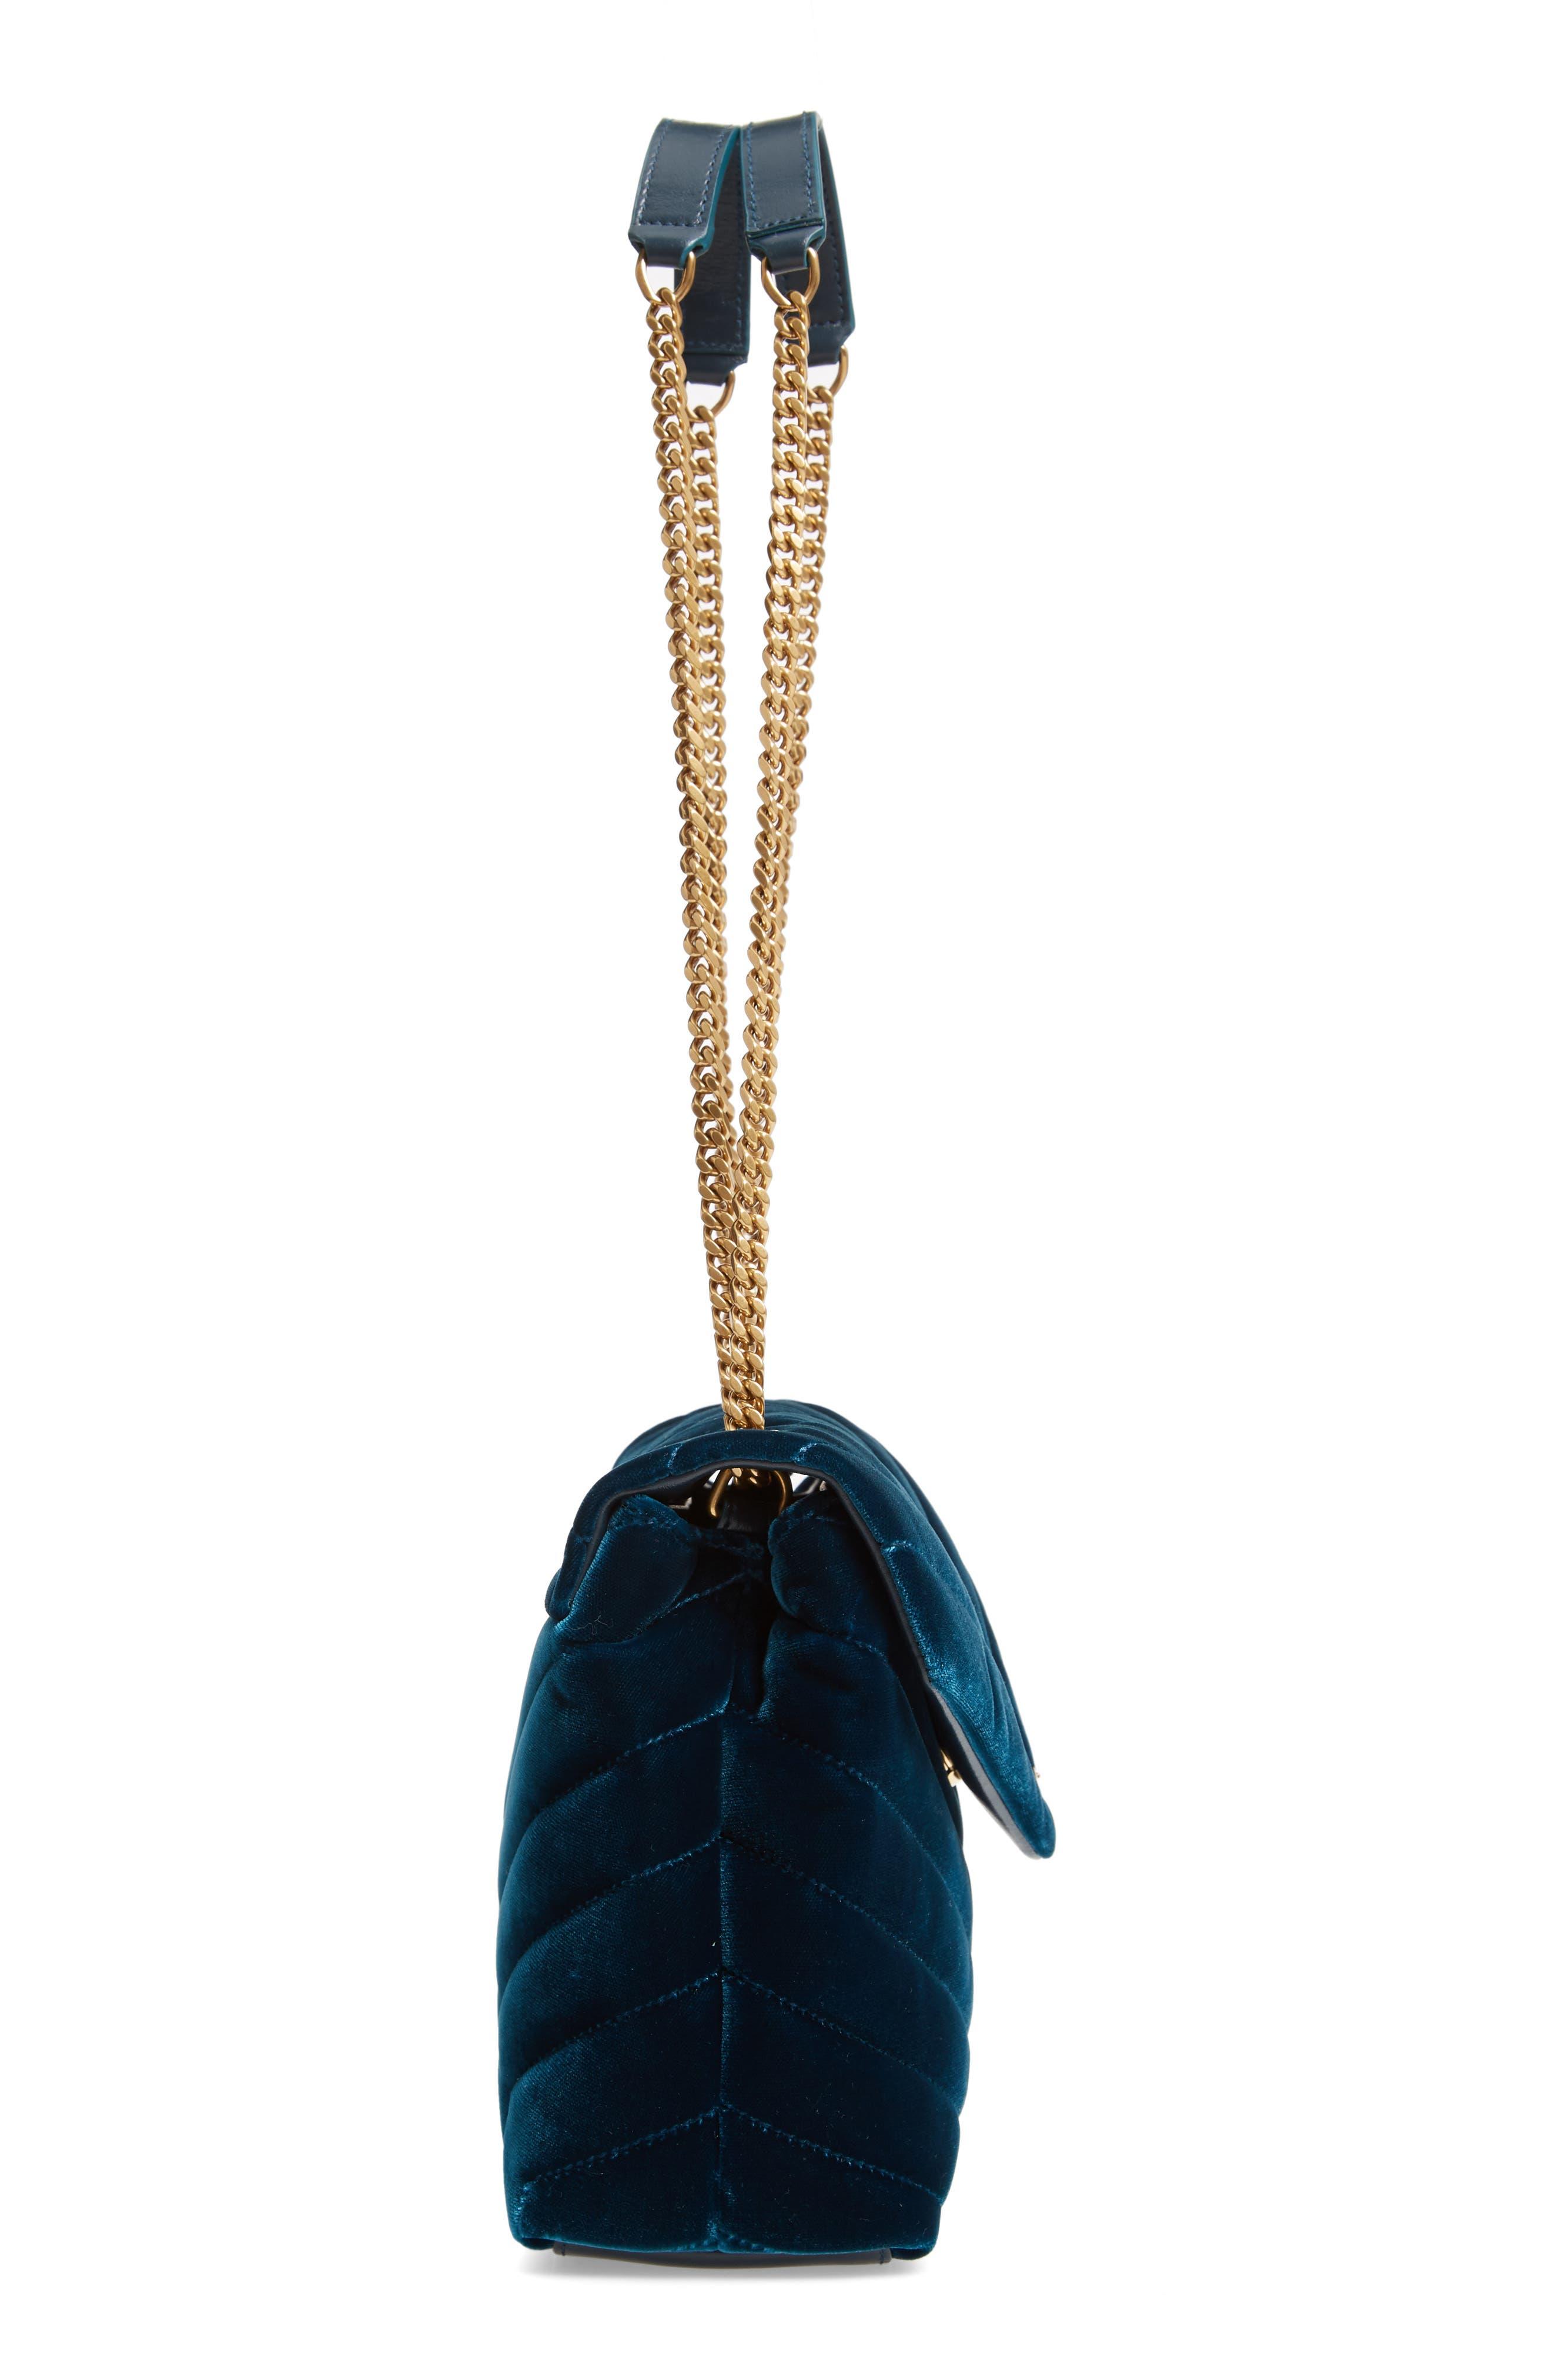 SAINT LAURENT,                             Small Loulou Matelassé Velour Shoulder Bag,                             Alternate thumbnail 5, color,                             DARK DEEP SEA/ DARK DEEP SEA